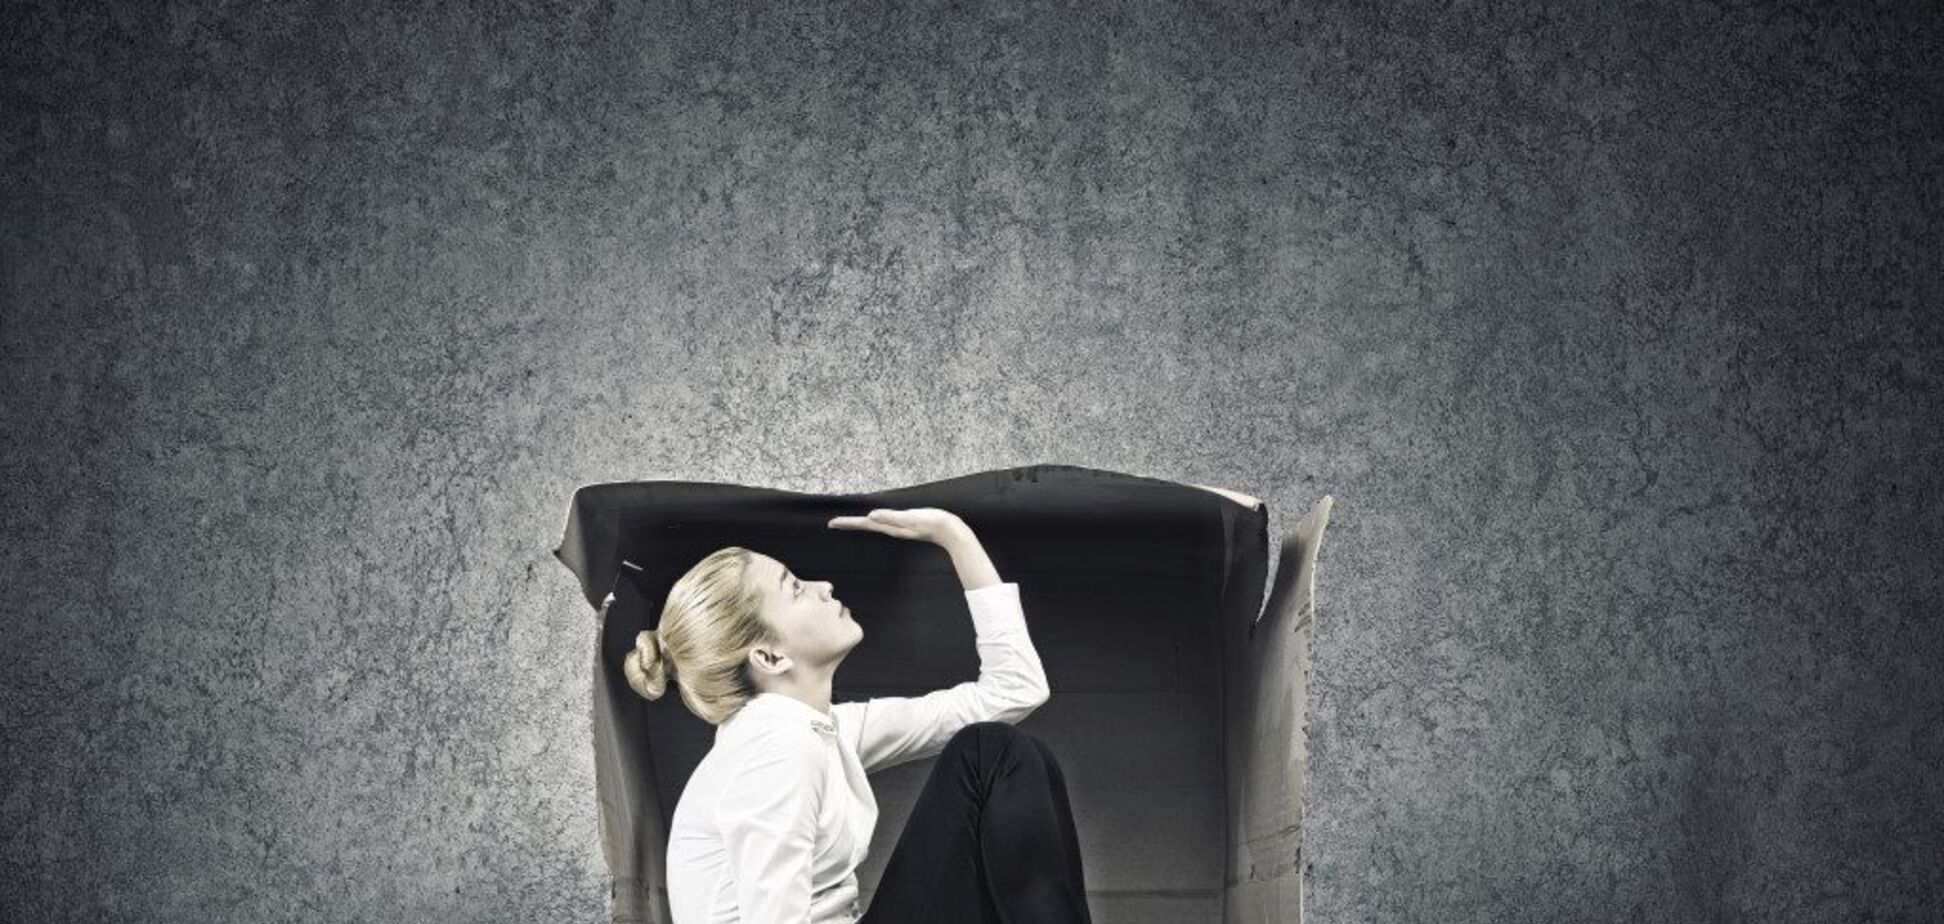 Границы личного пространства: нужно ли их отстаивать